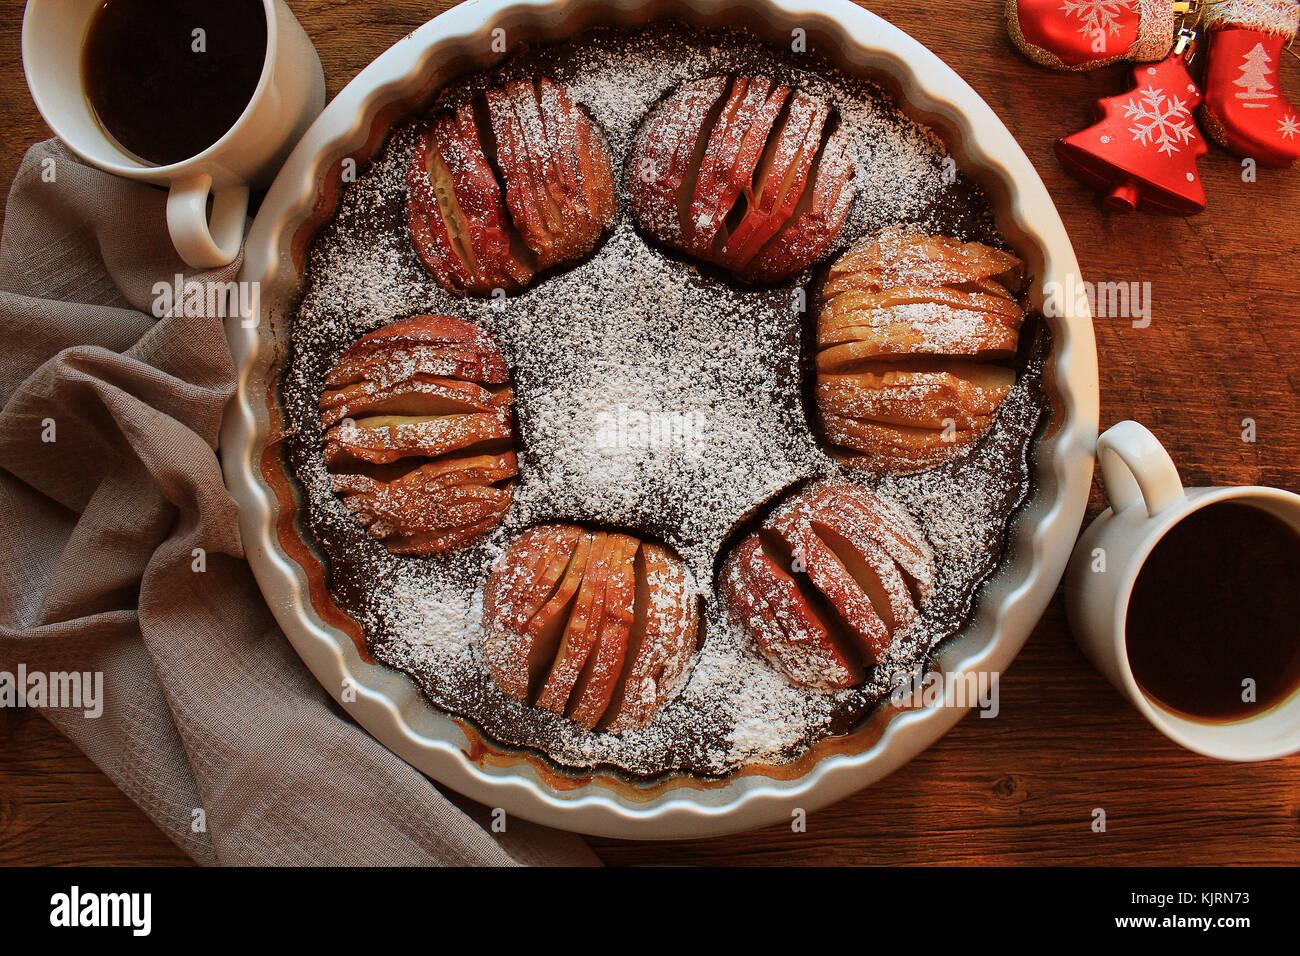 Tarte aux pommes traditionnelle, dessert, fruit tart sur table rustique en bois. Vue de dessus, fond de Noël Photo Stock